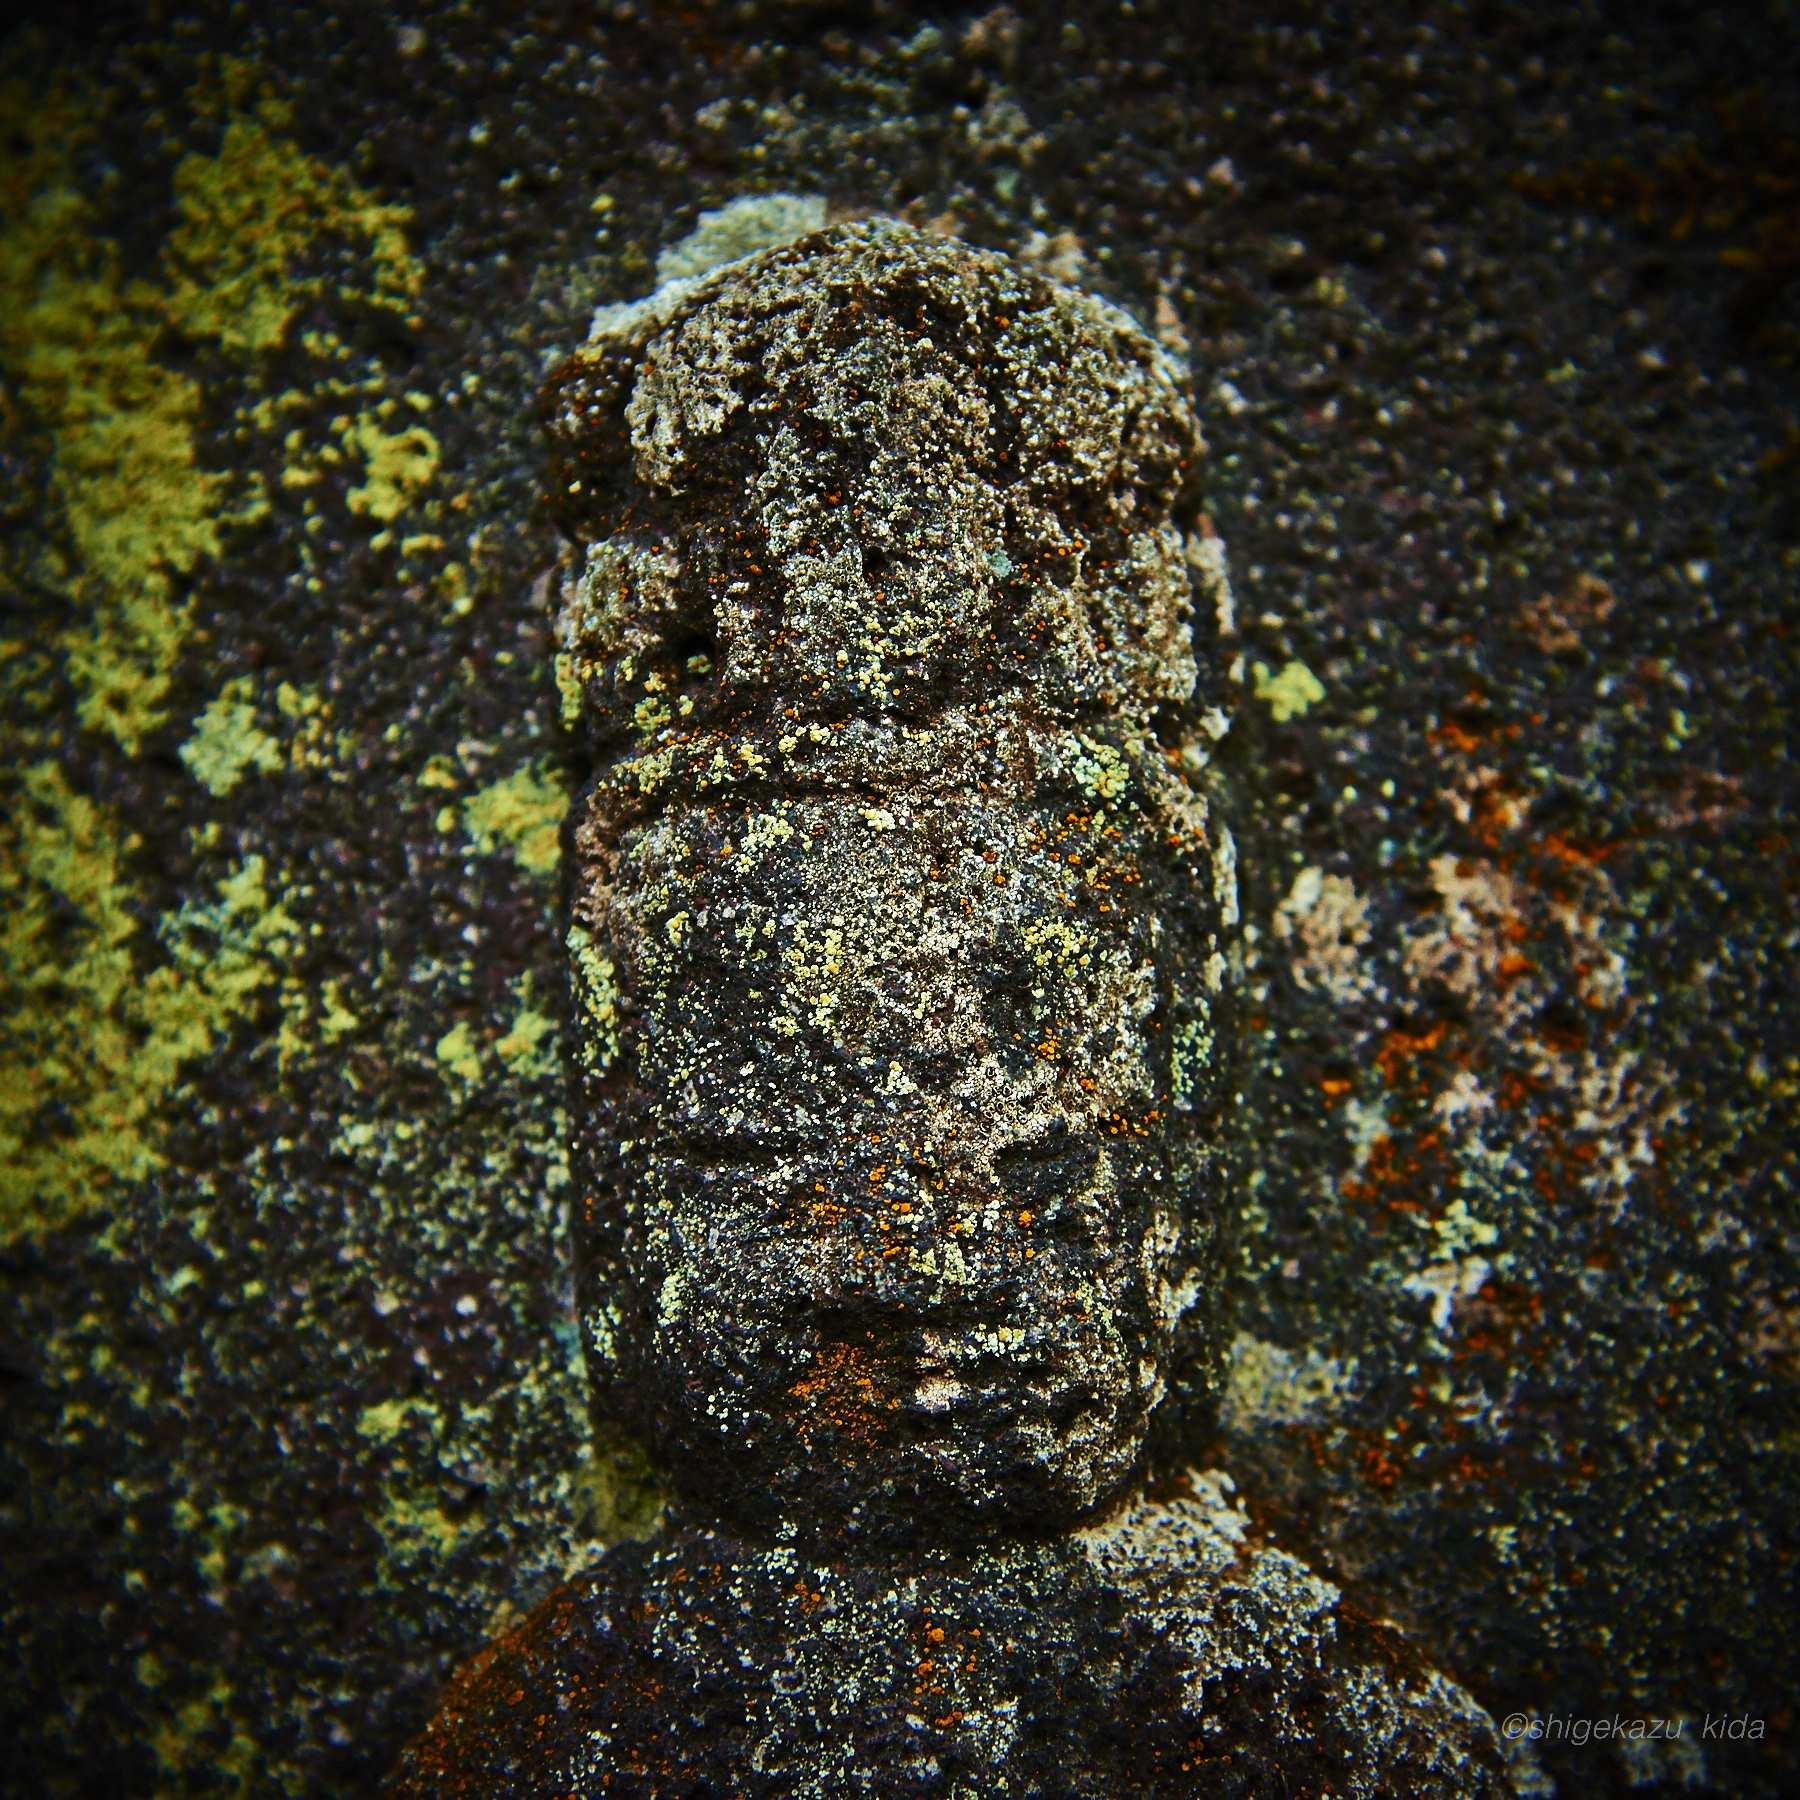 長野県松本市白骨温泉三十三観音の風化した石仏